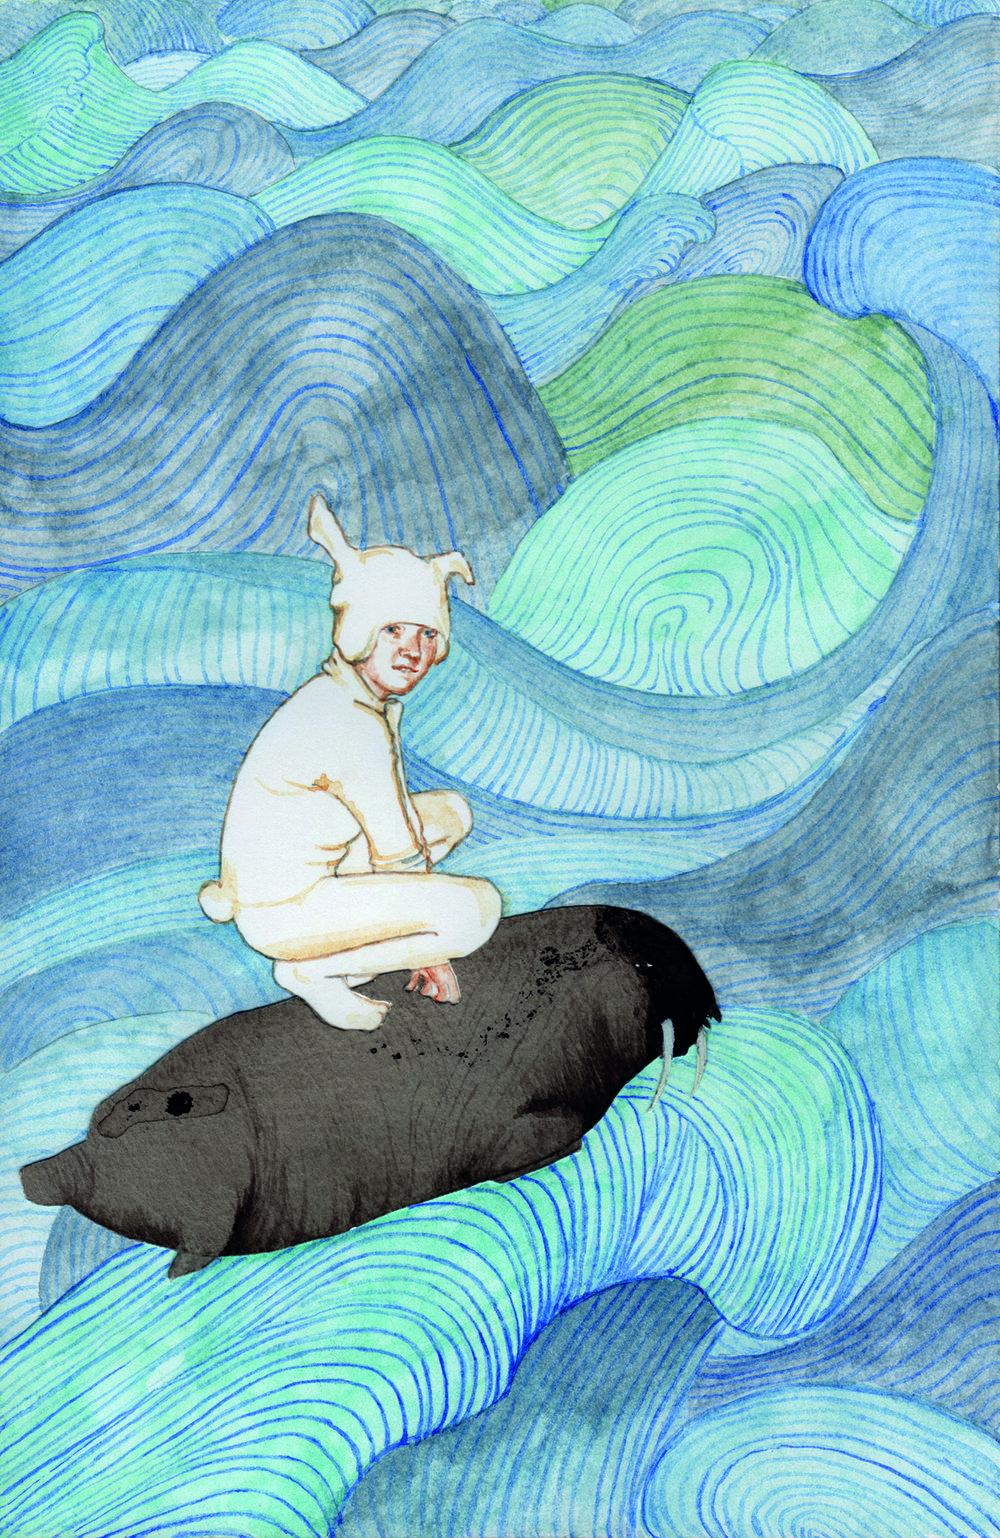 Elin_eriksen_portrett_akvarell_barn_walrus.jpg